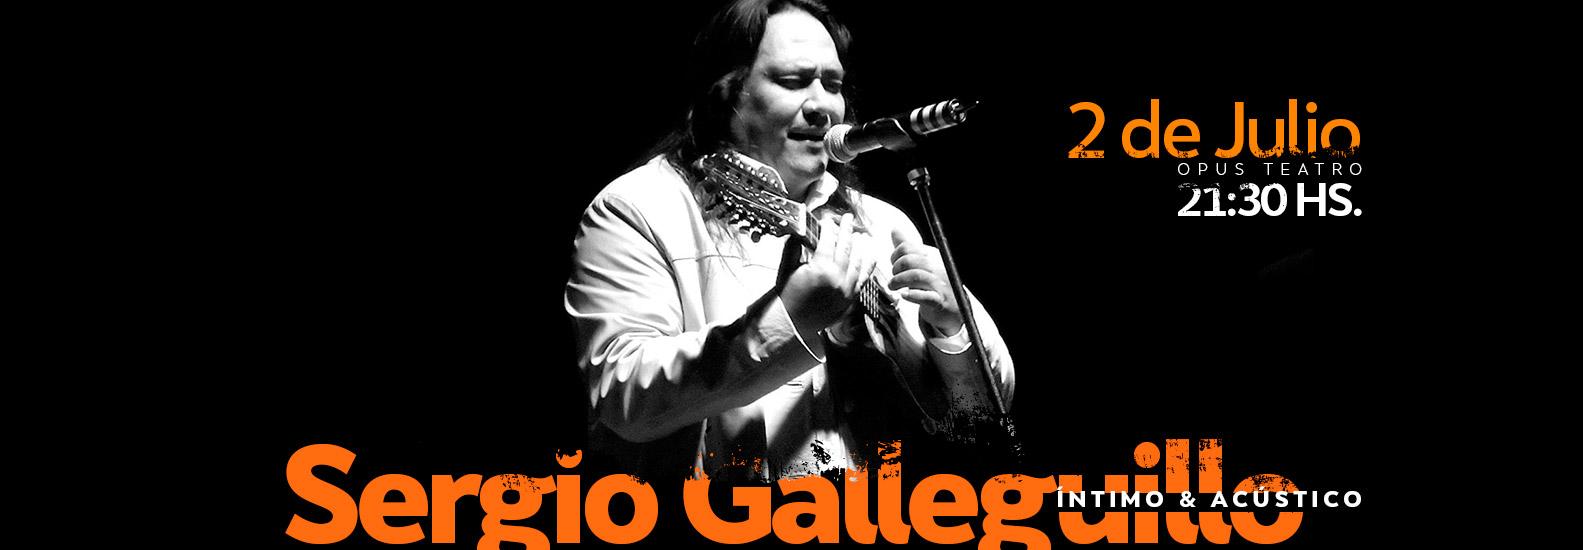 Opus_Slide_SergioGalleguillo_02